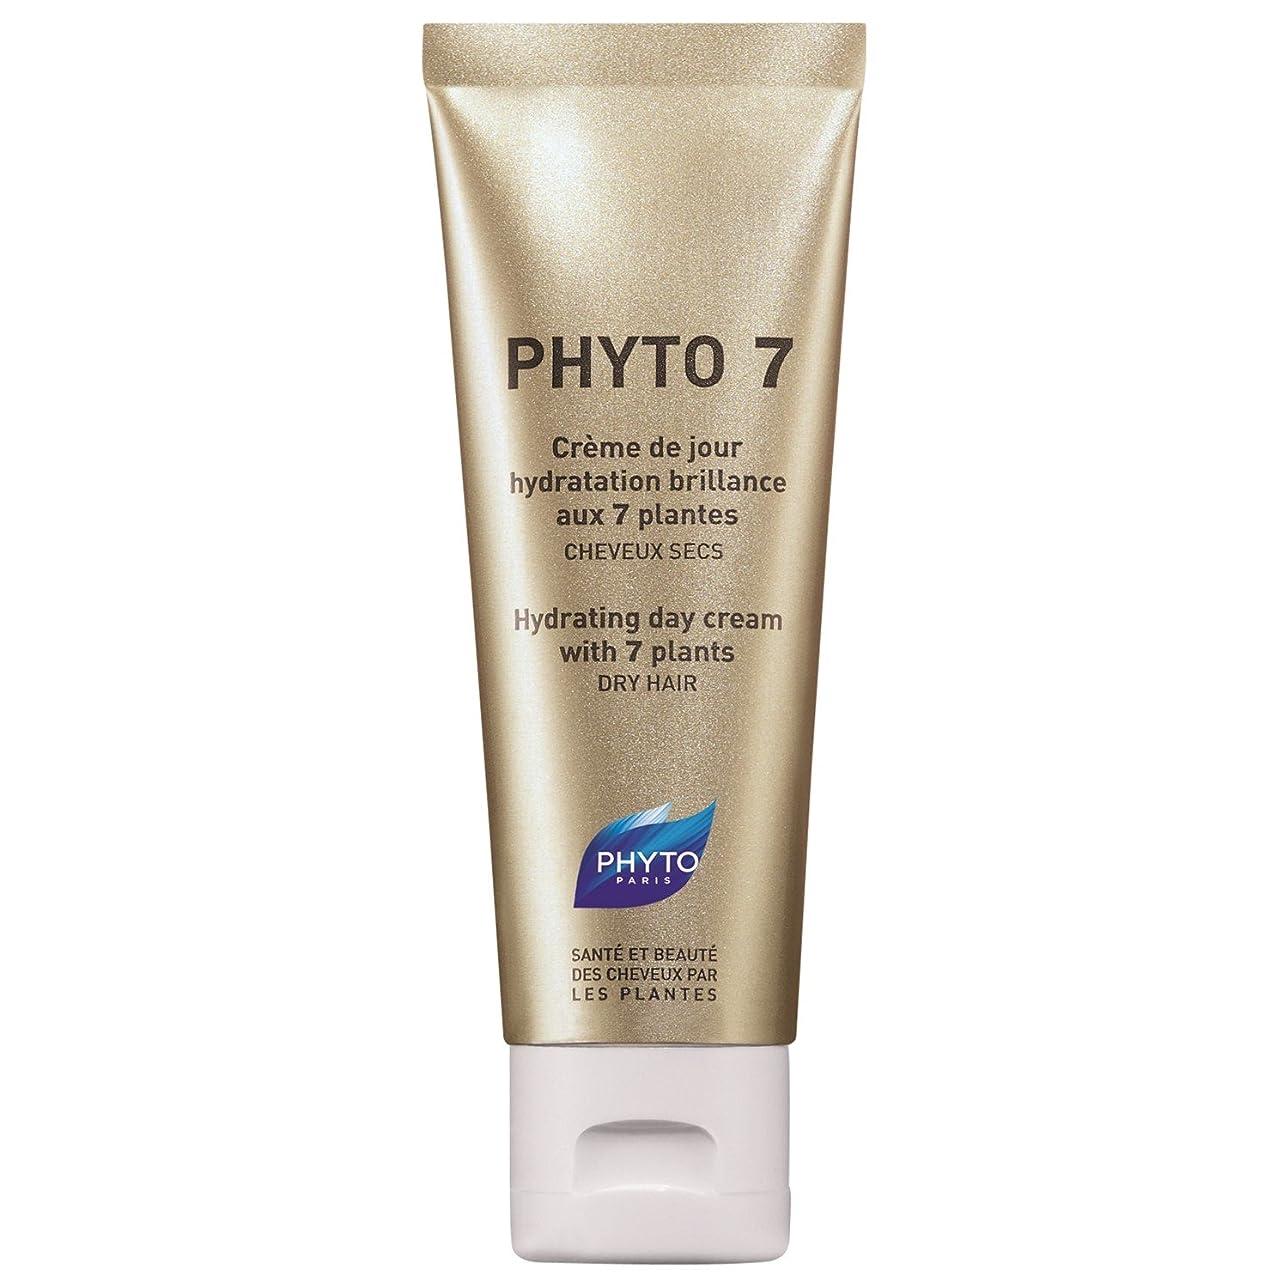 委任する計算光沢のあるフィト7水和デイクリーム50ミリリットル (Phyto) (x6) - Phyto 7 Hydrating Day Cream 50ml (Pack of 6) [並行輸入品]